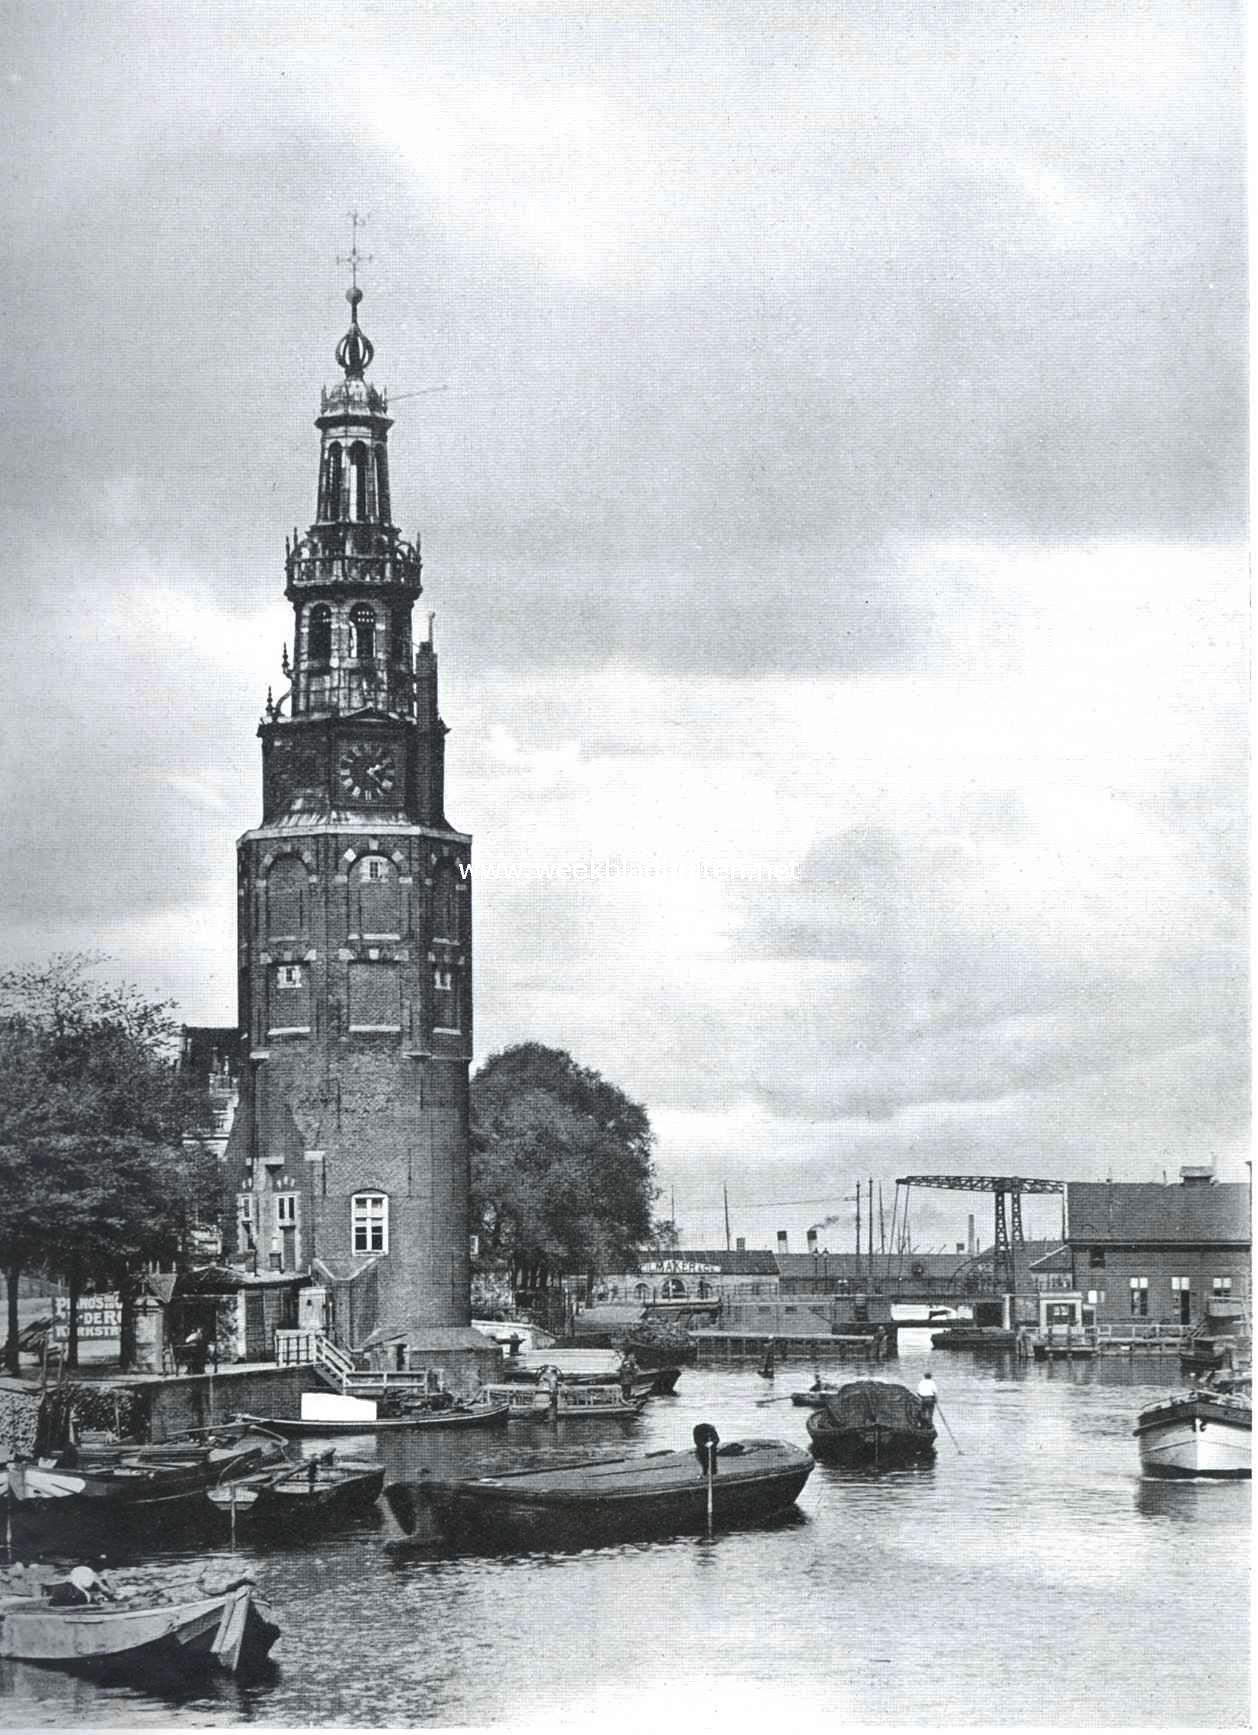 De Montelbaanstoren te Amsterdam